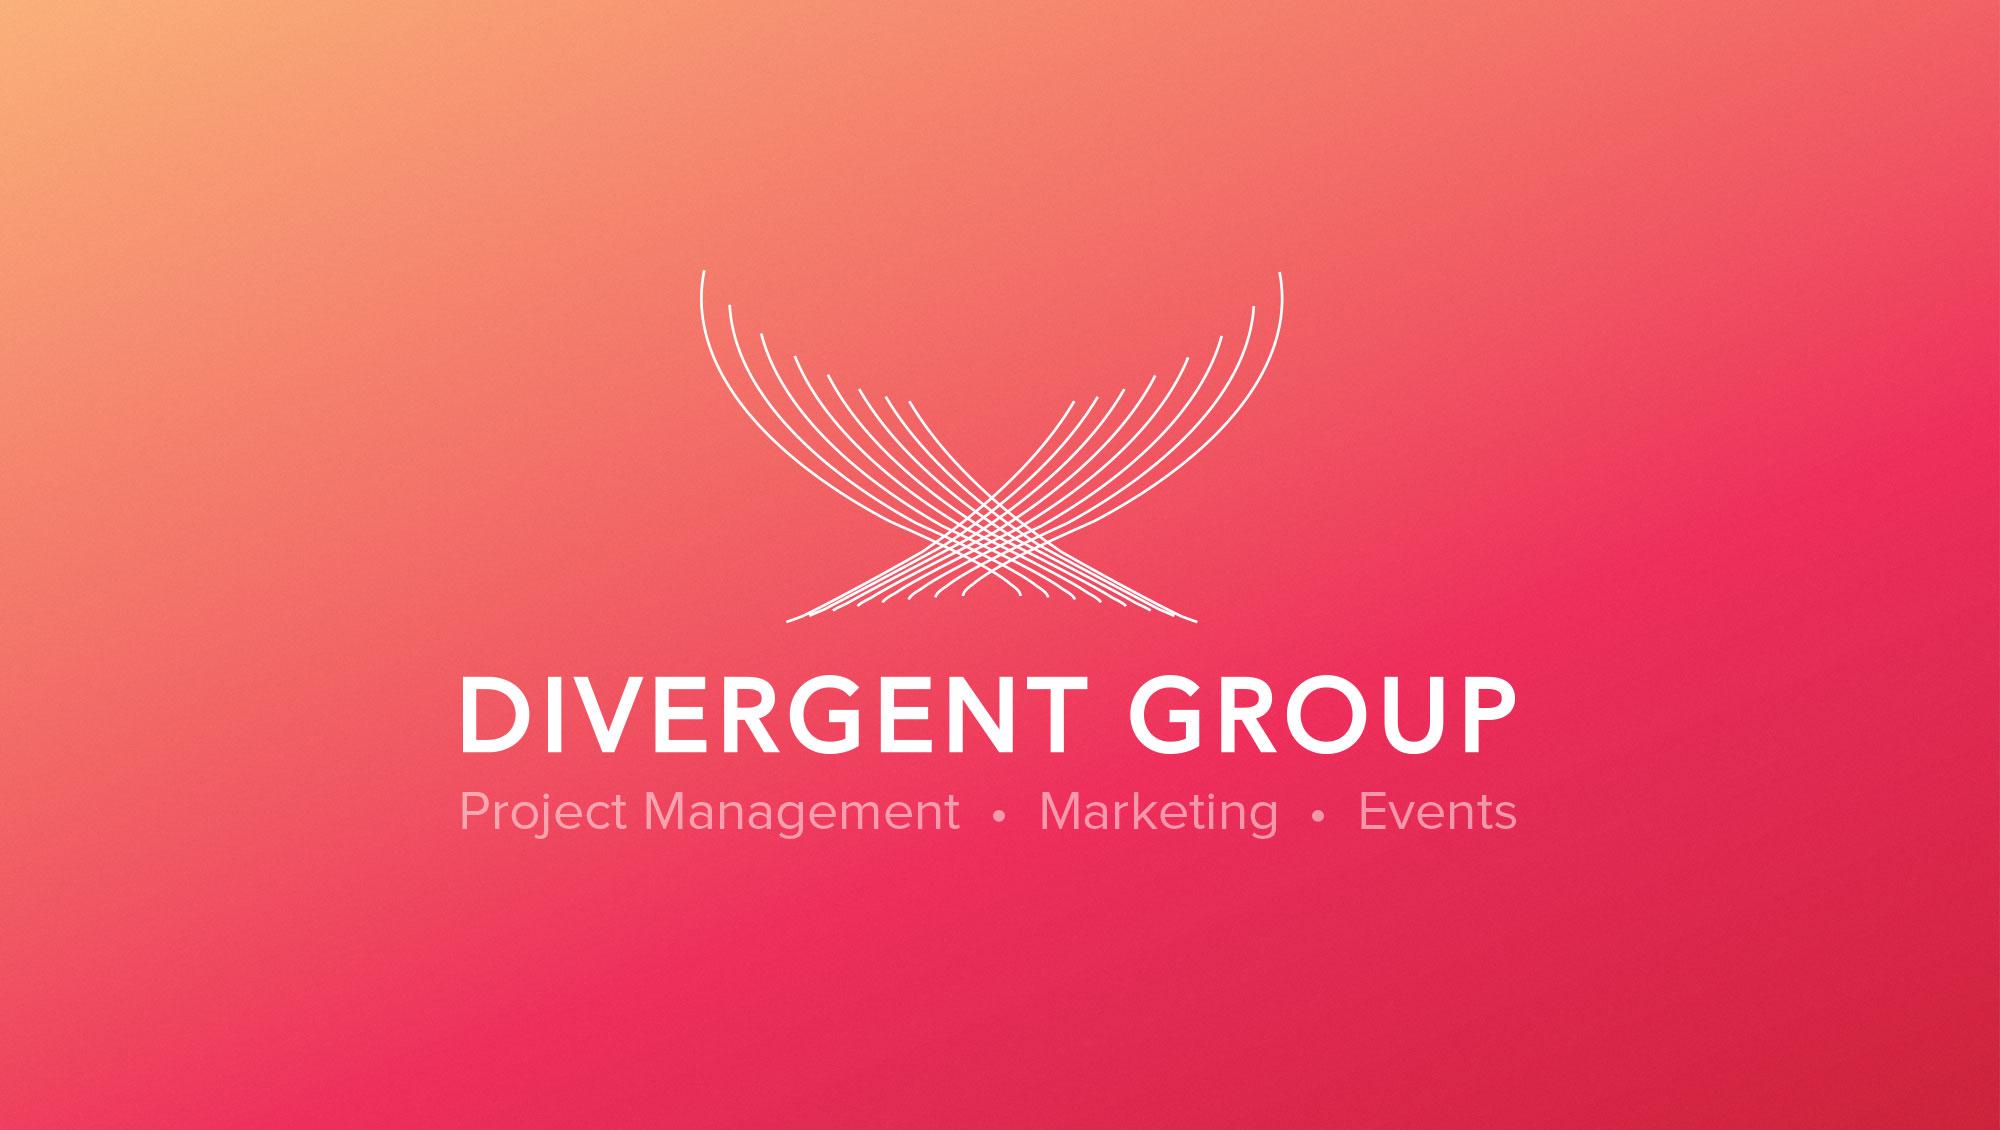 DivergentGroupLogo.jpg